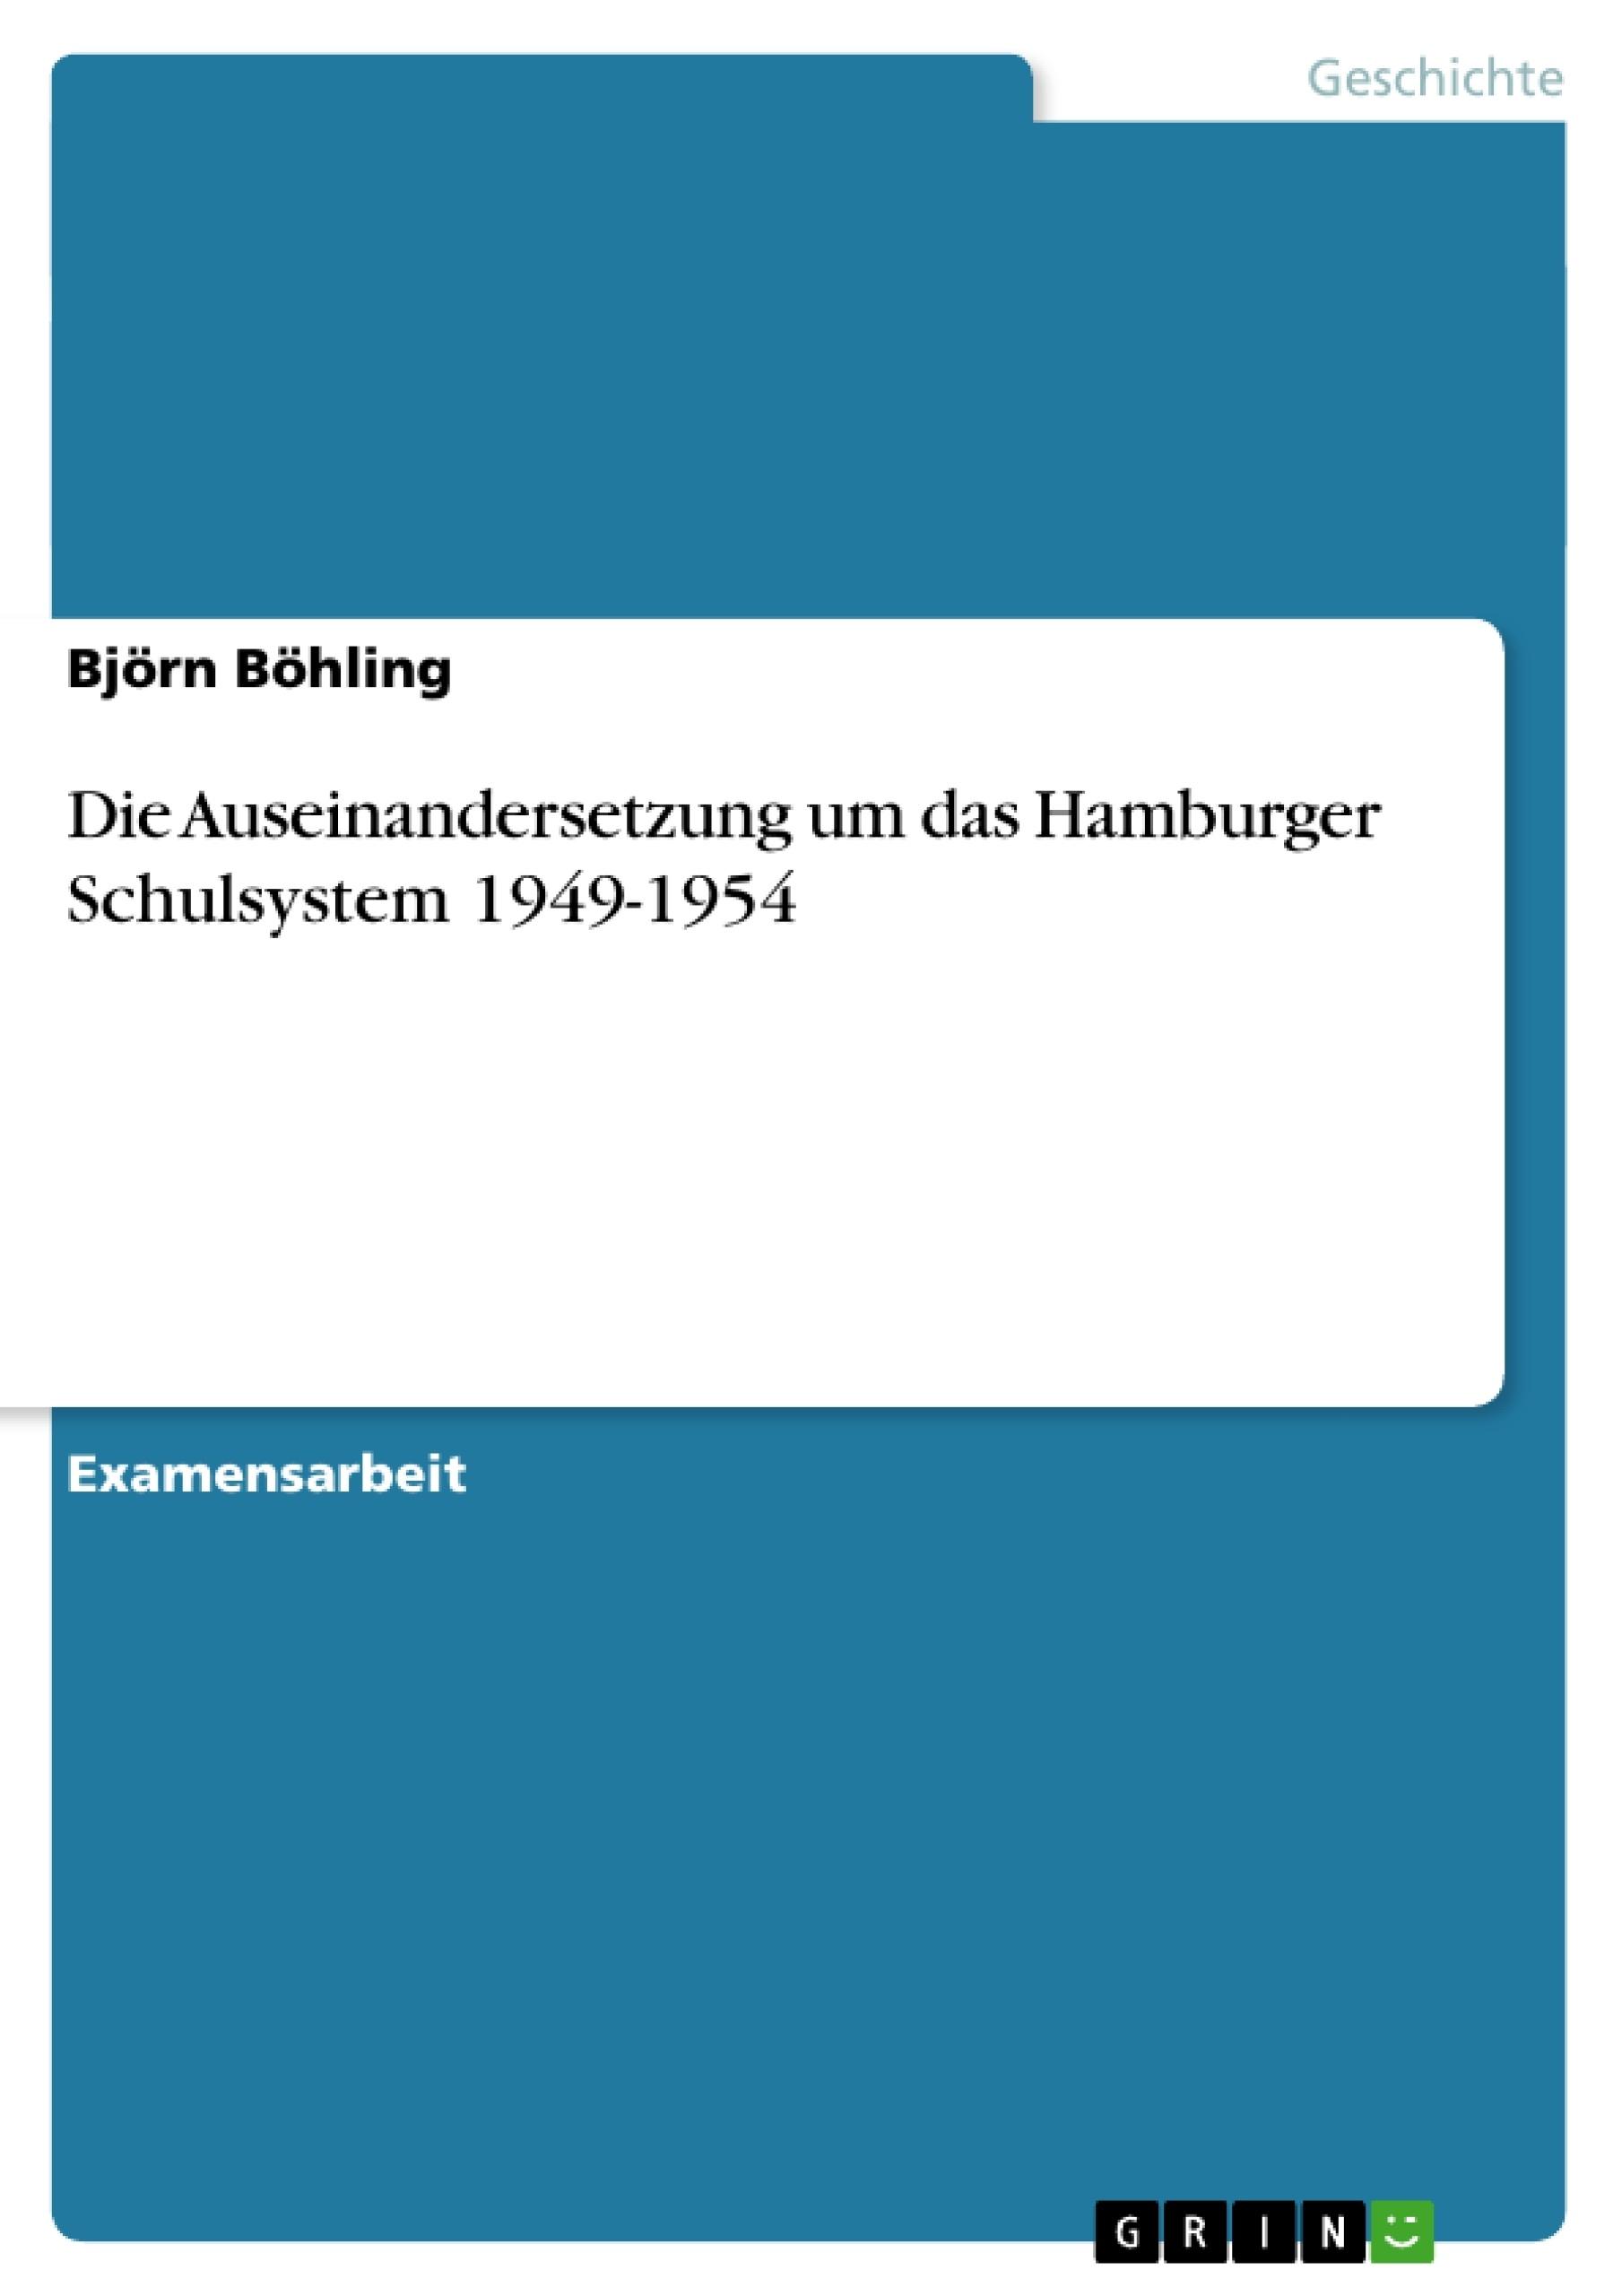 Die Auseinandersetzung um das Hamburger Schulsystem 1949-1954 ...